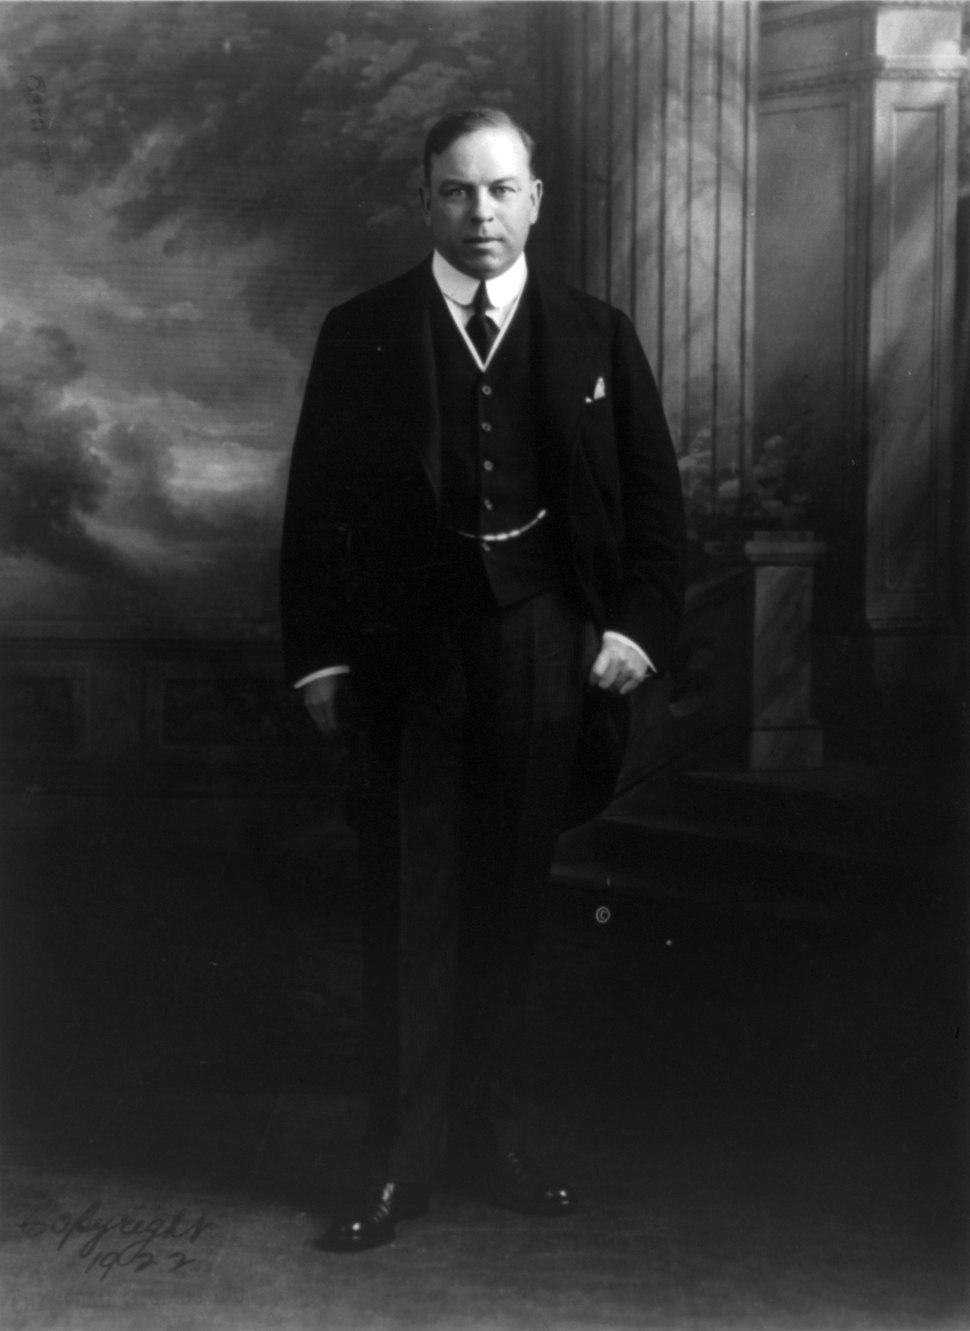 King1922